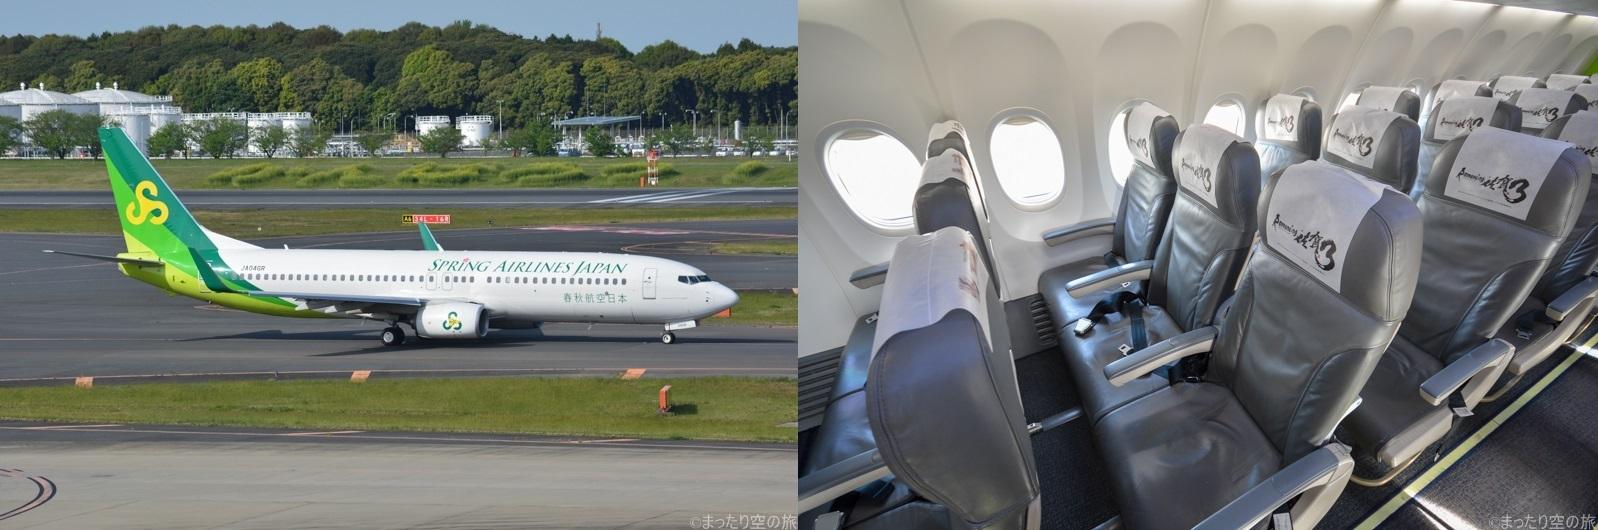 春秋航空日本のB737-800の座席と機体